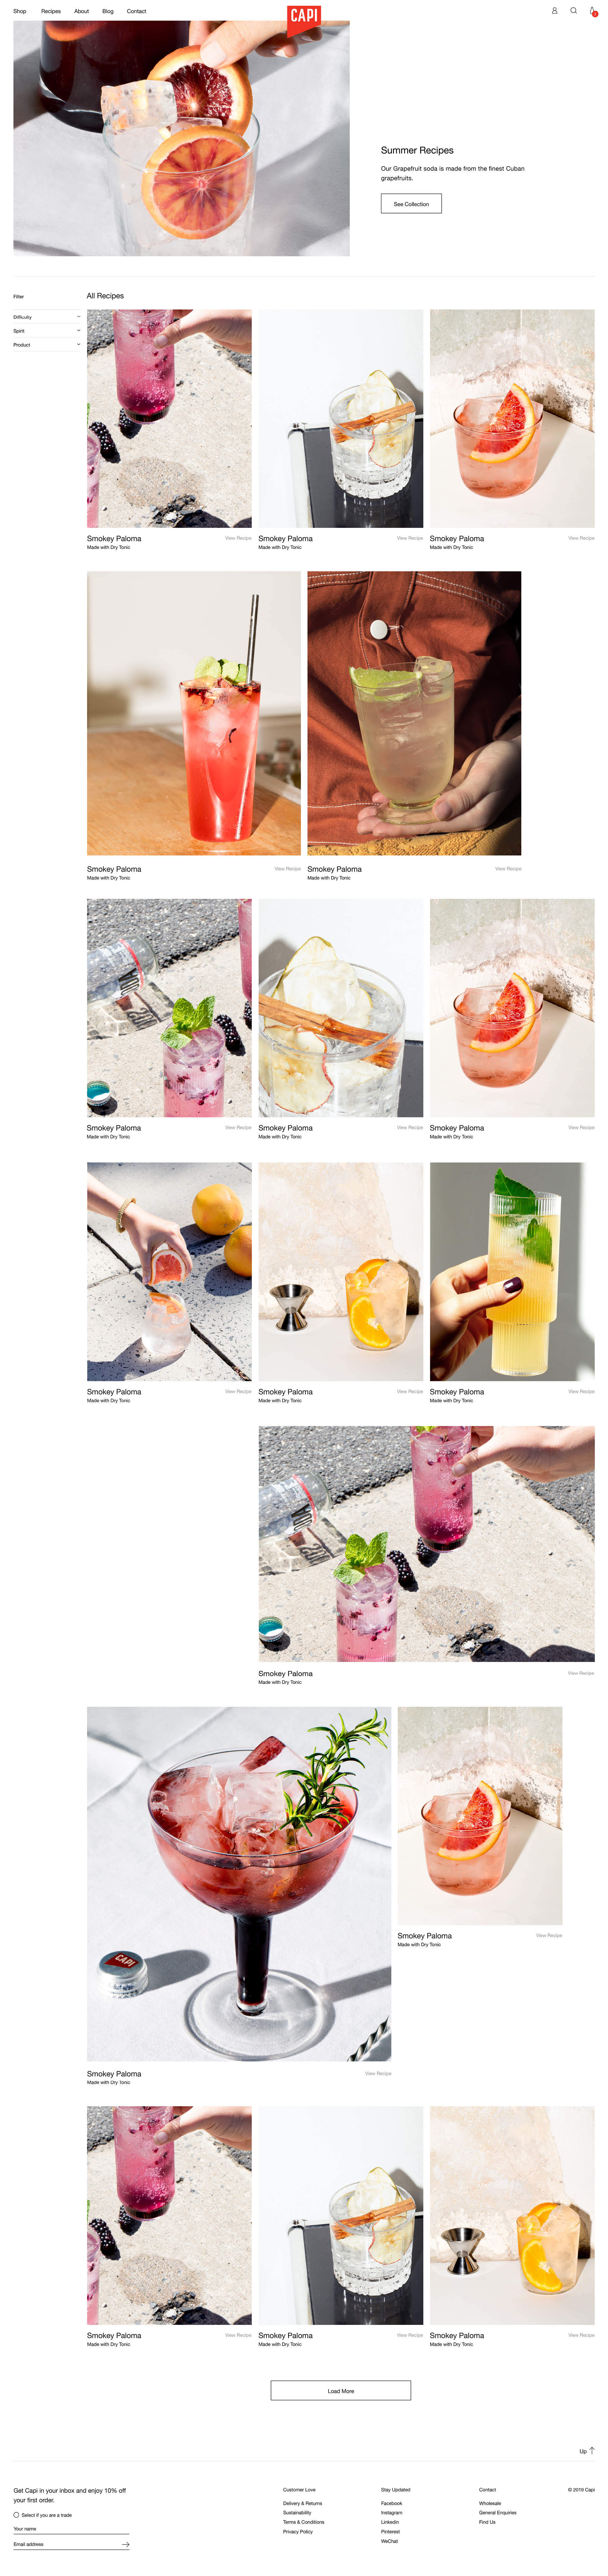 Capi Desktop Summer Recipes